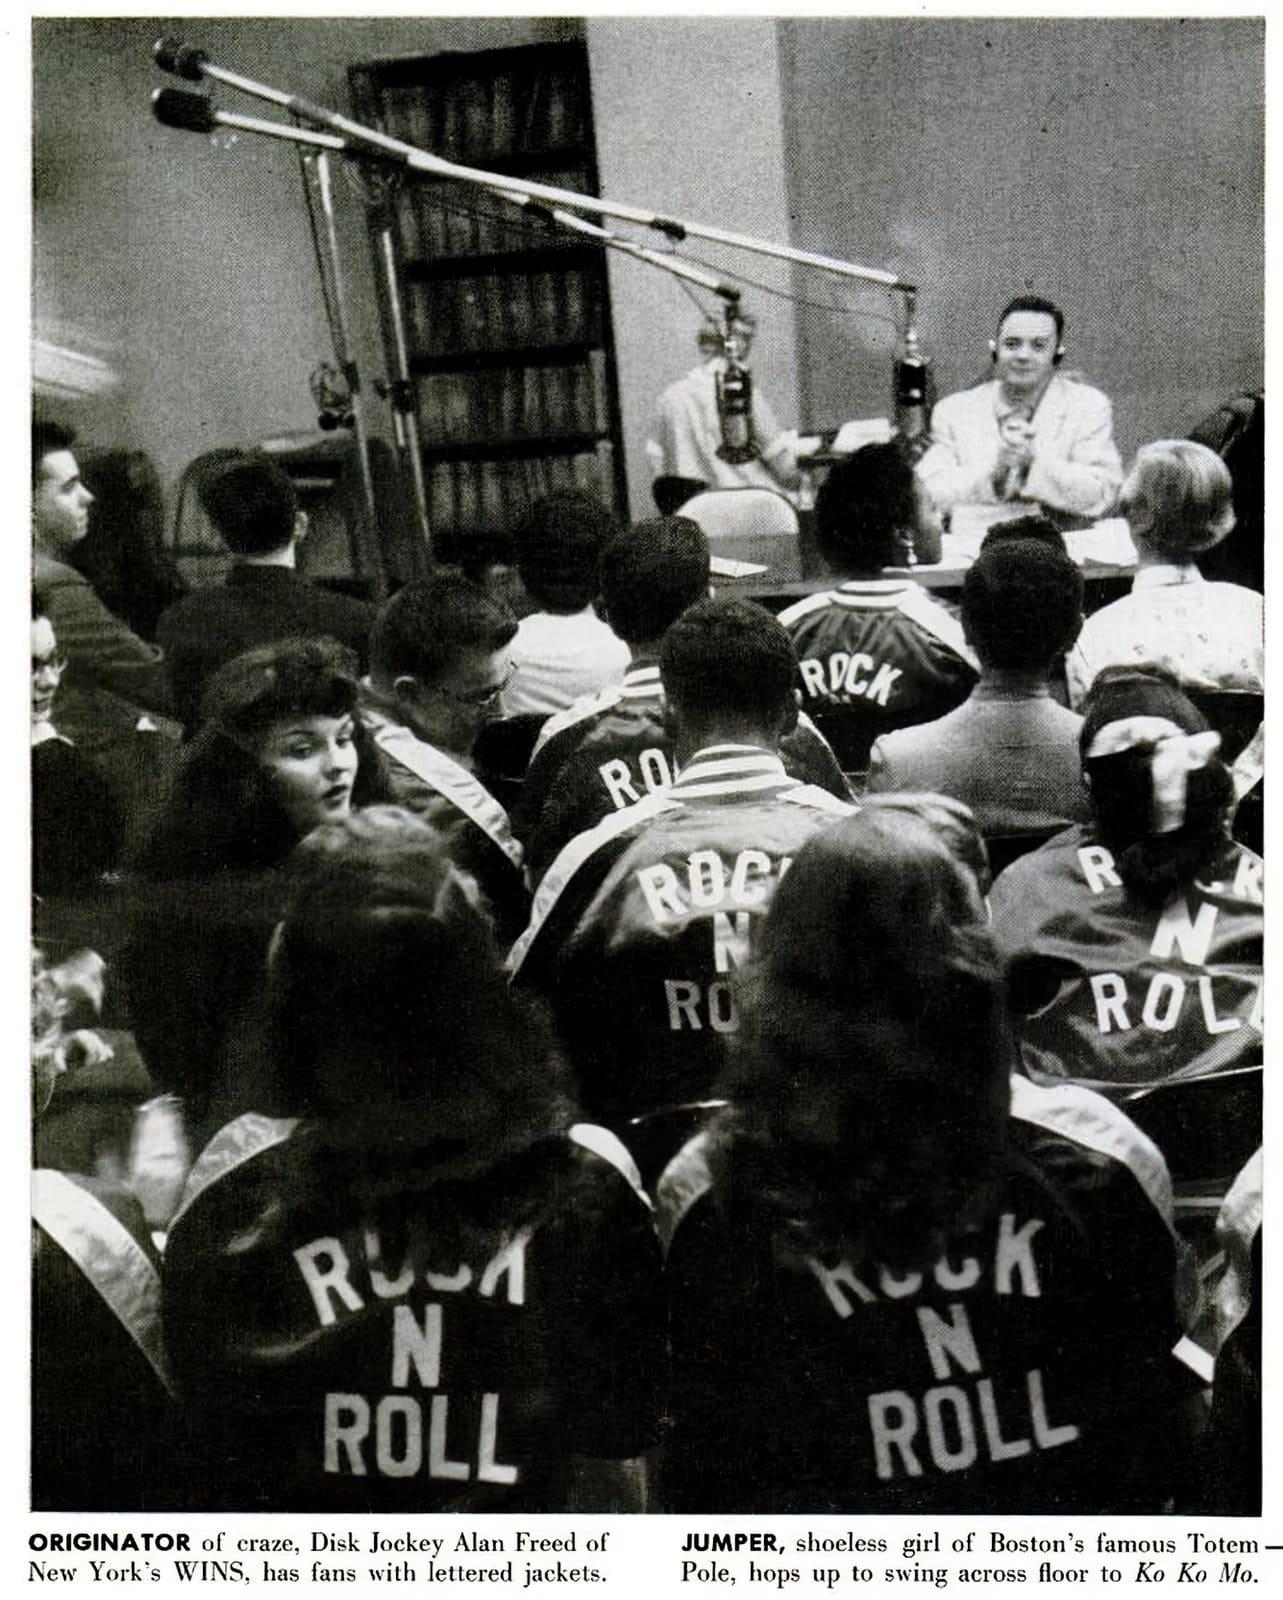 Alan Freed - Rock N Roll fans April 1955